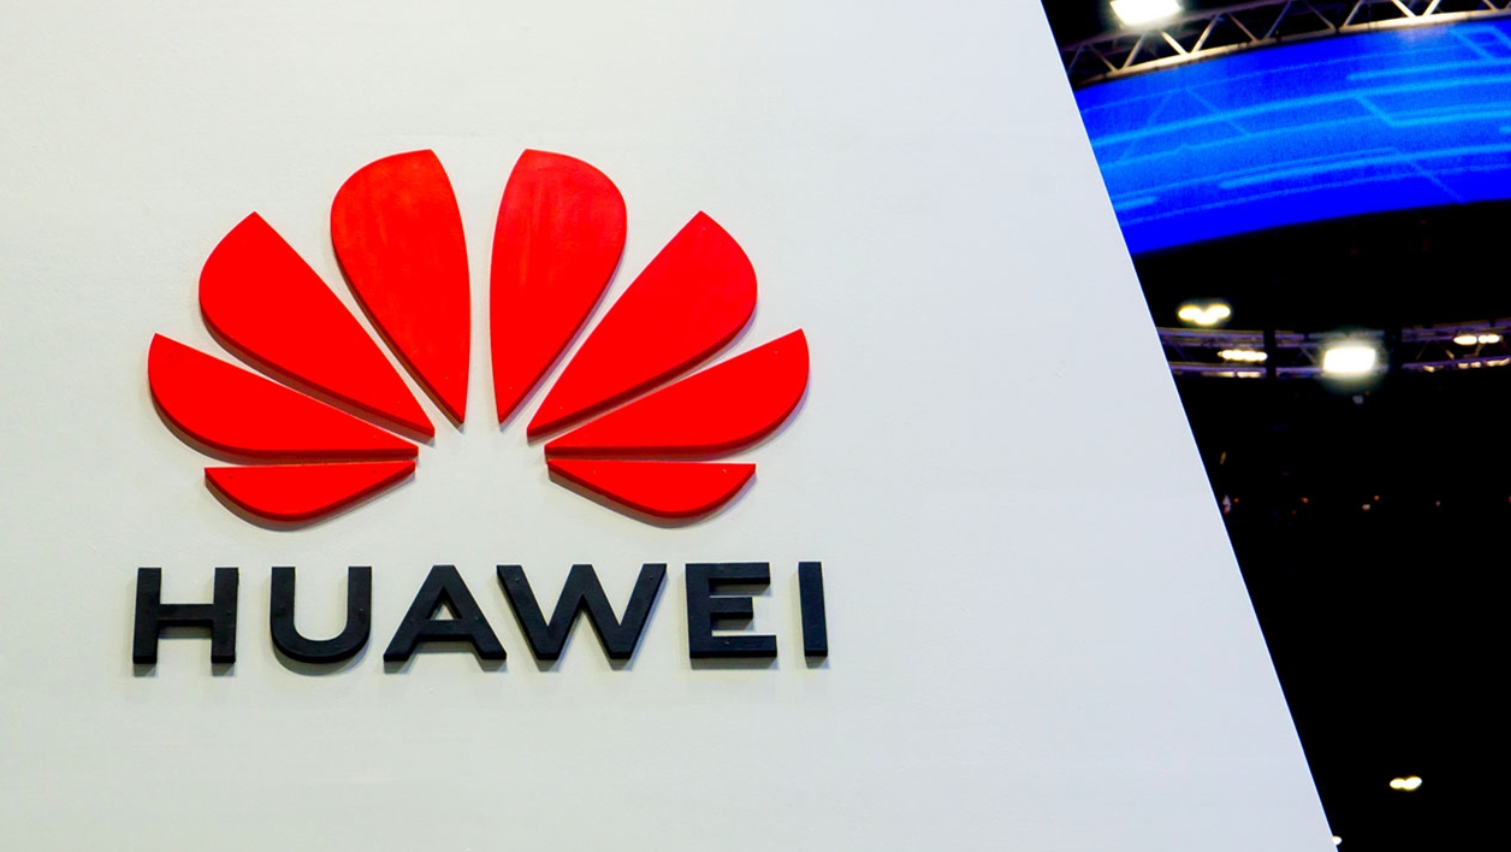 Huawei, Tedarikçilere Bu Yıl Yalnızca 70 İla 80 Milyon Akıllı Telefon Satmayı Beklediğini Söyledi 2021